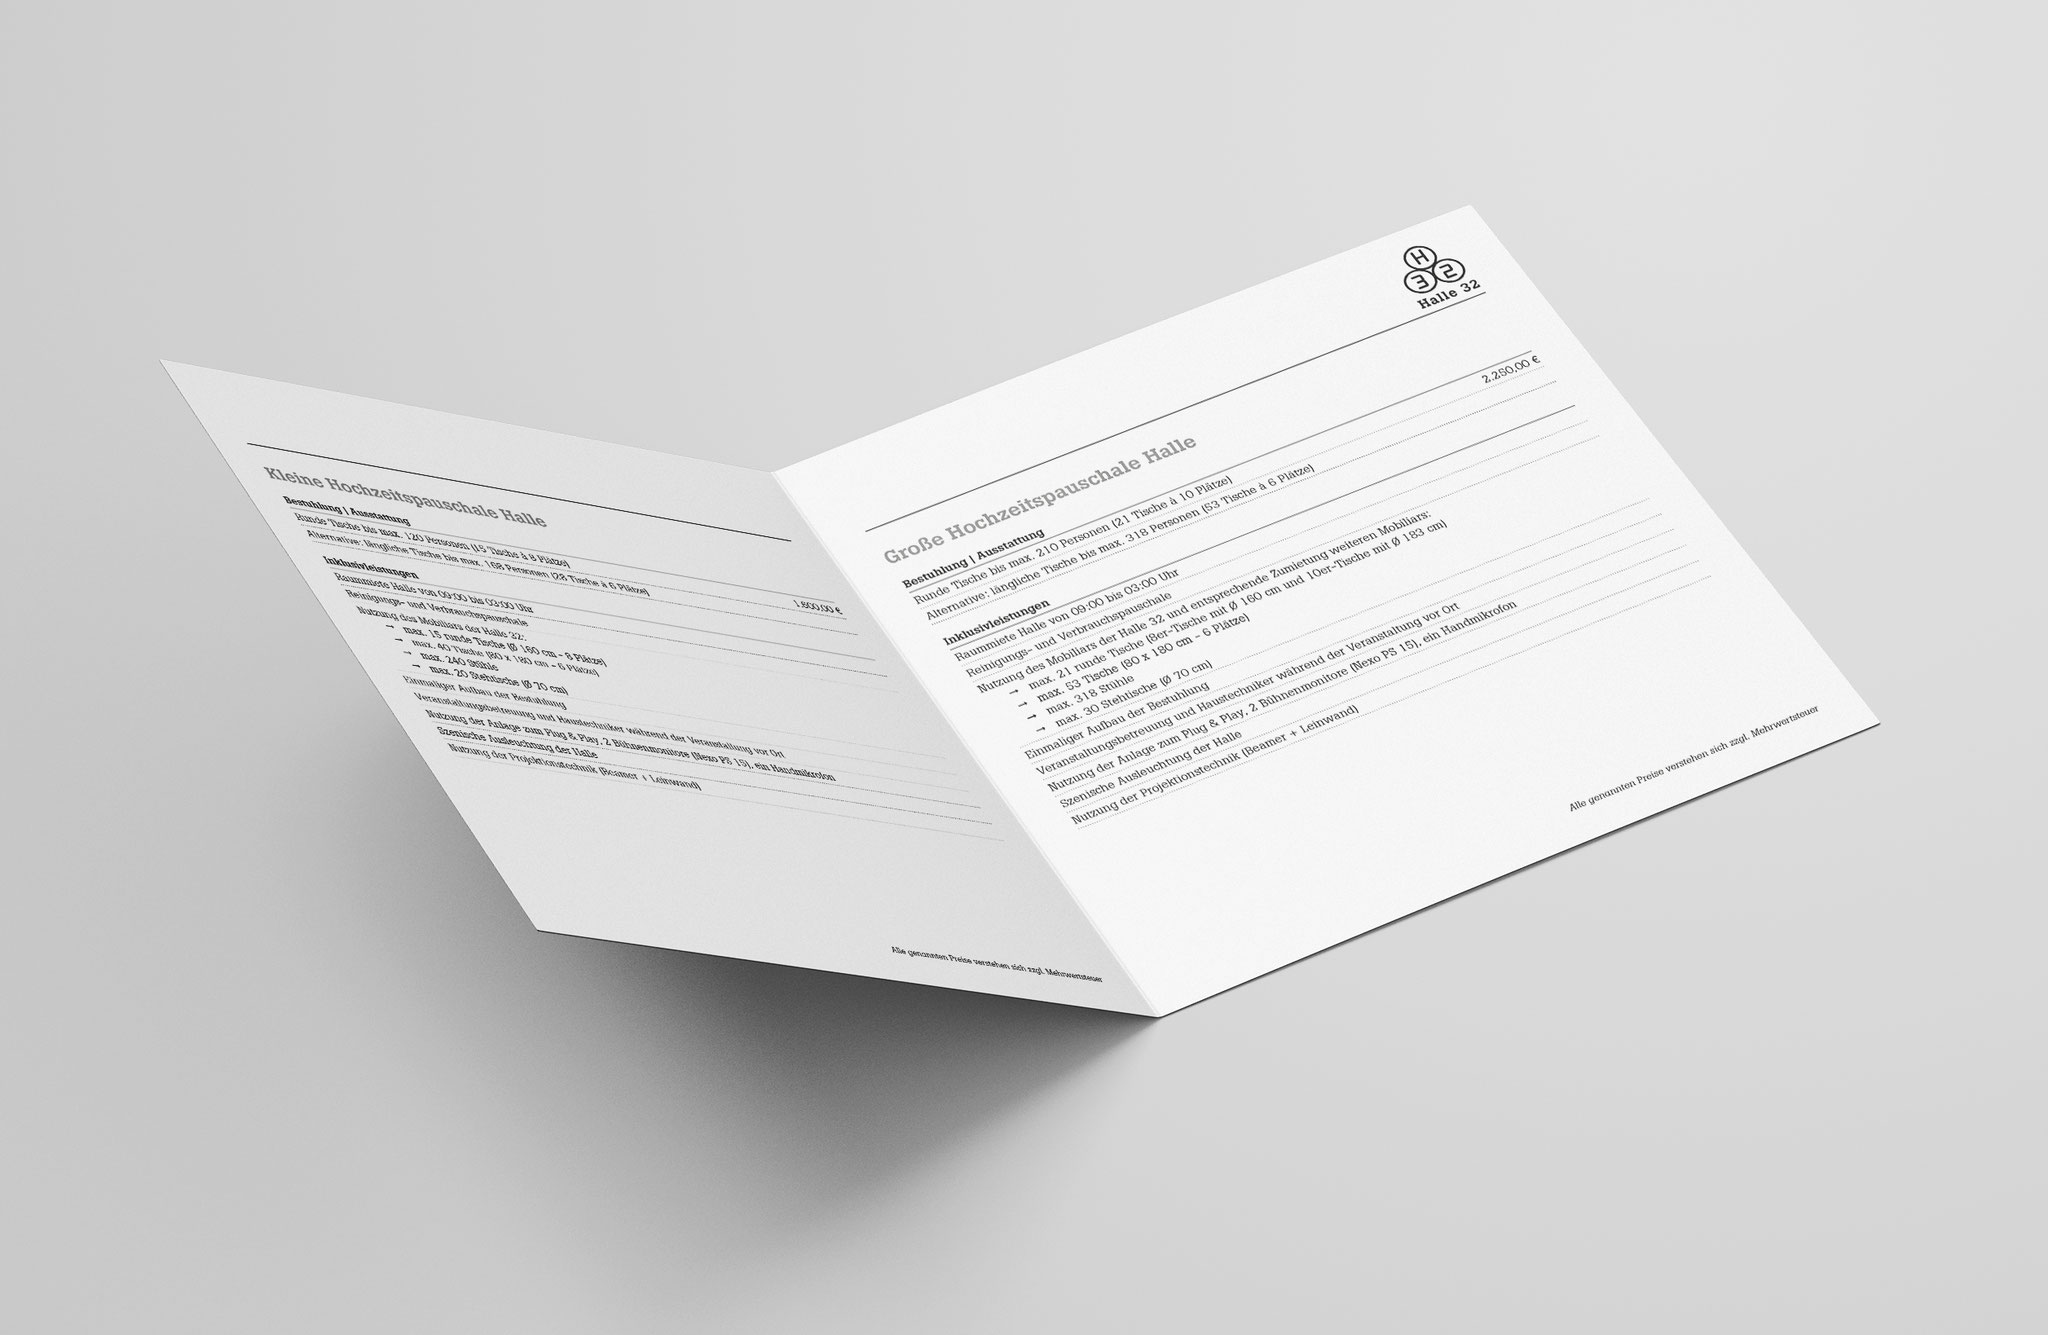 Einleger mit Infos zu Hochzeiten und privaten Feiern